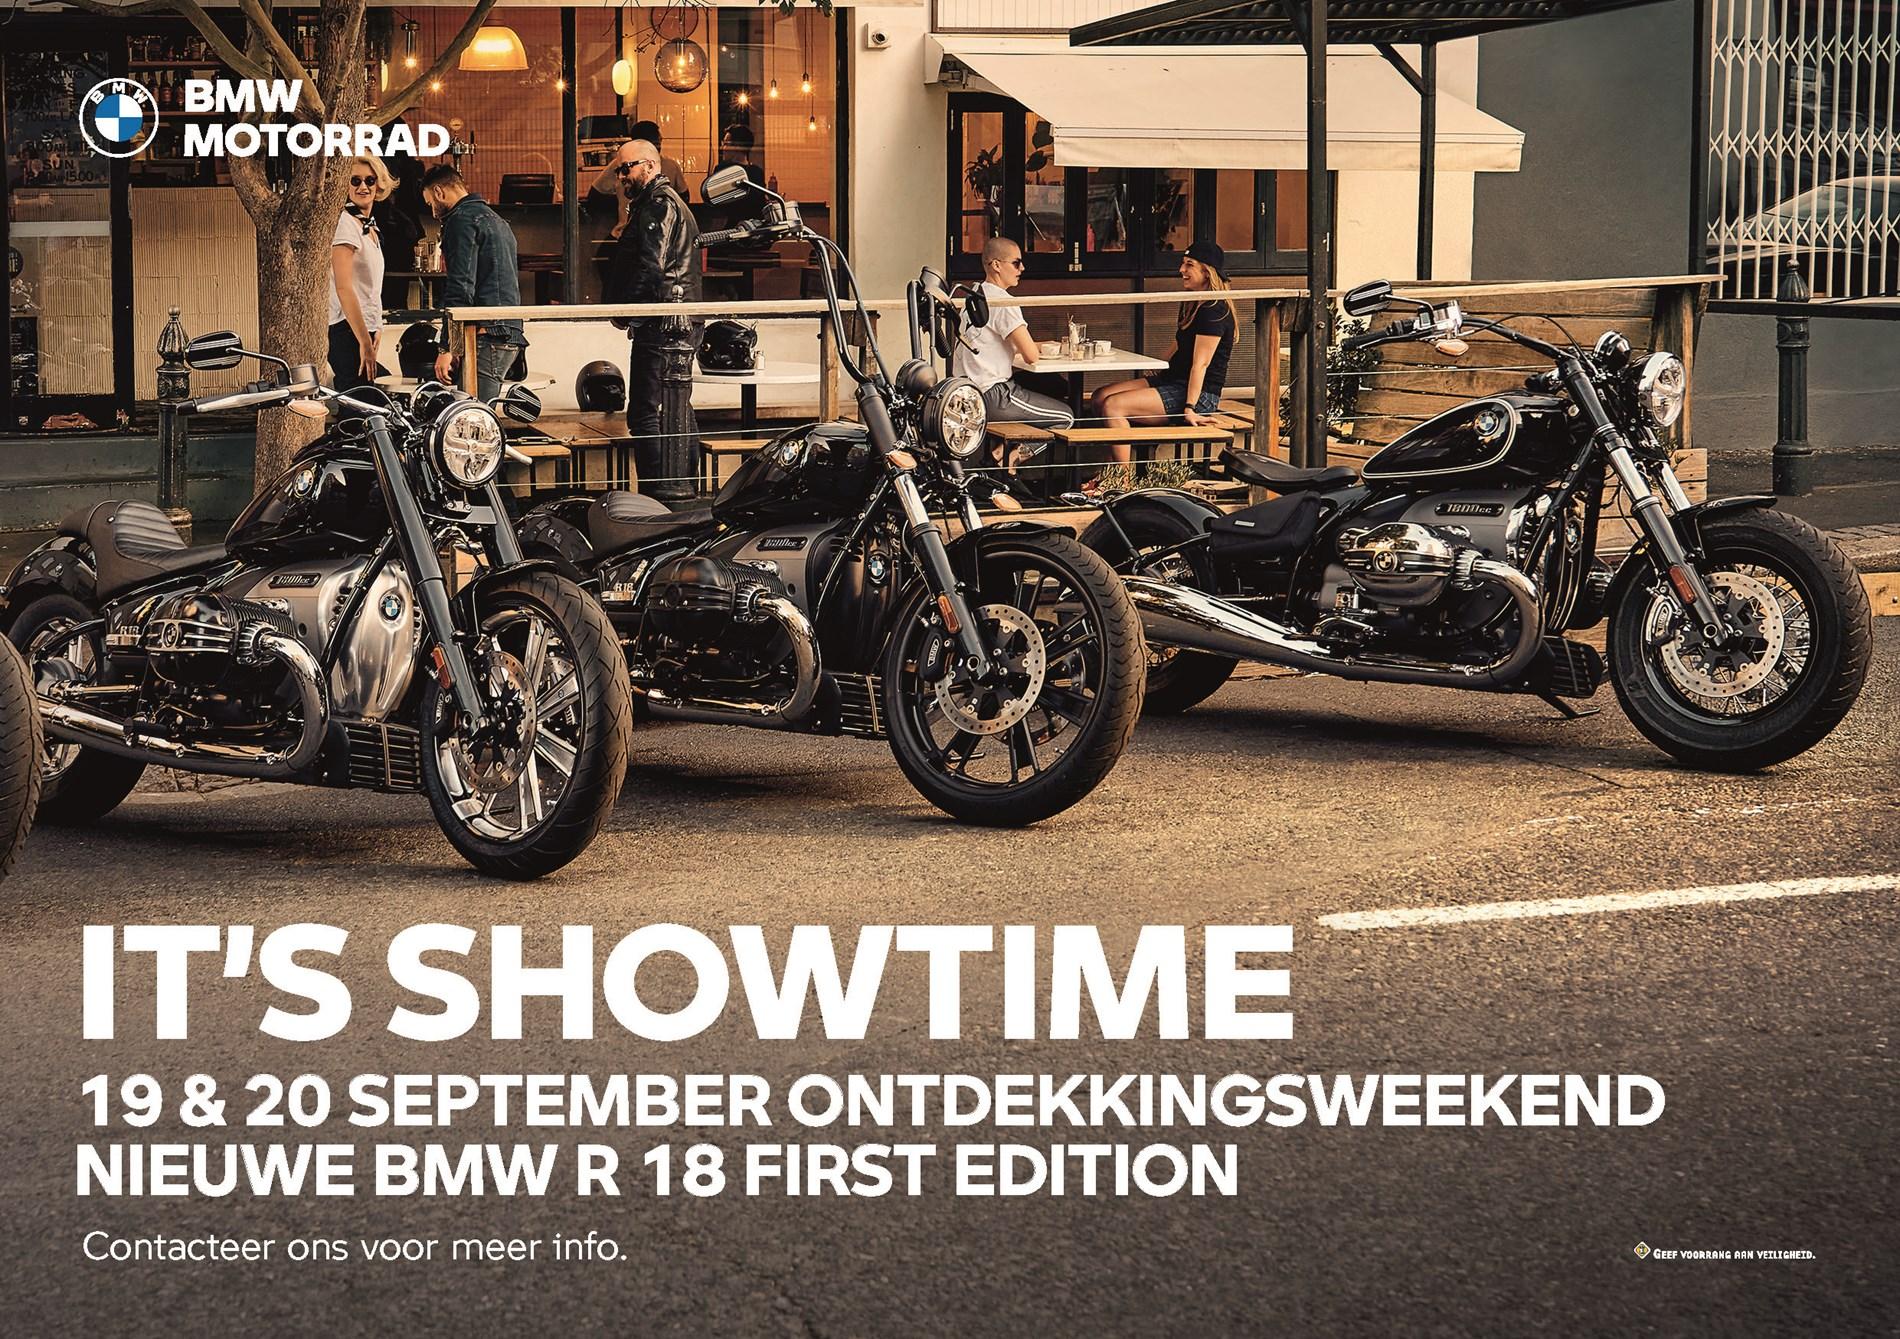 Lanceringsweekend BMW R18 op 19 en 20 september